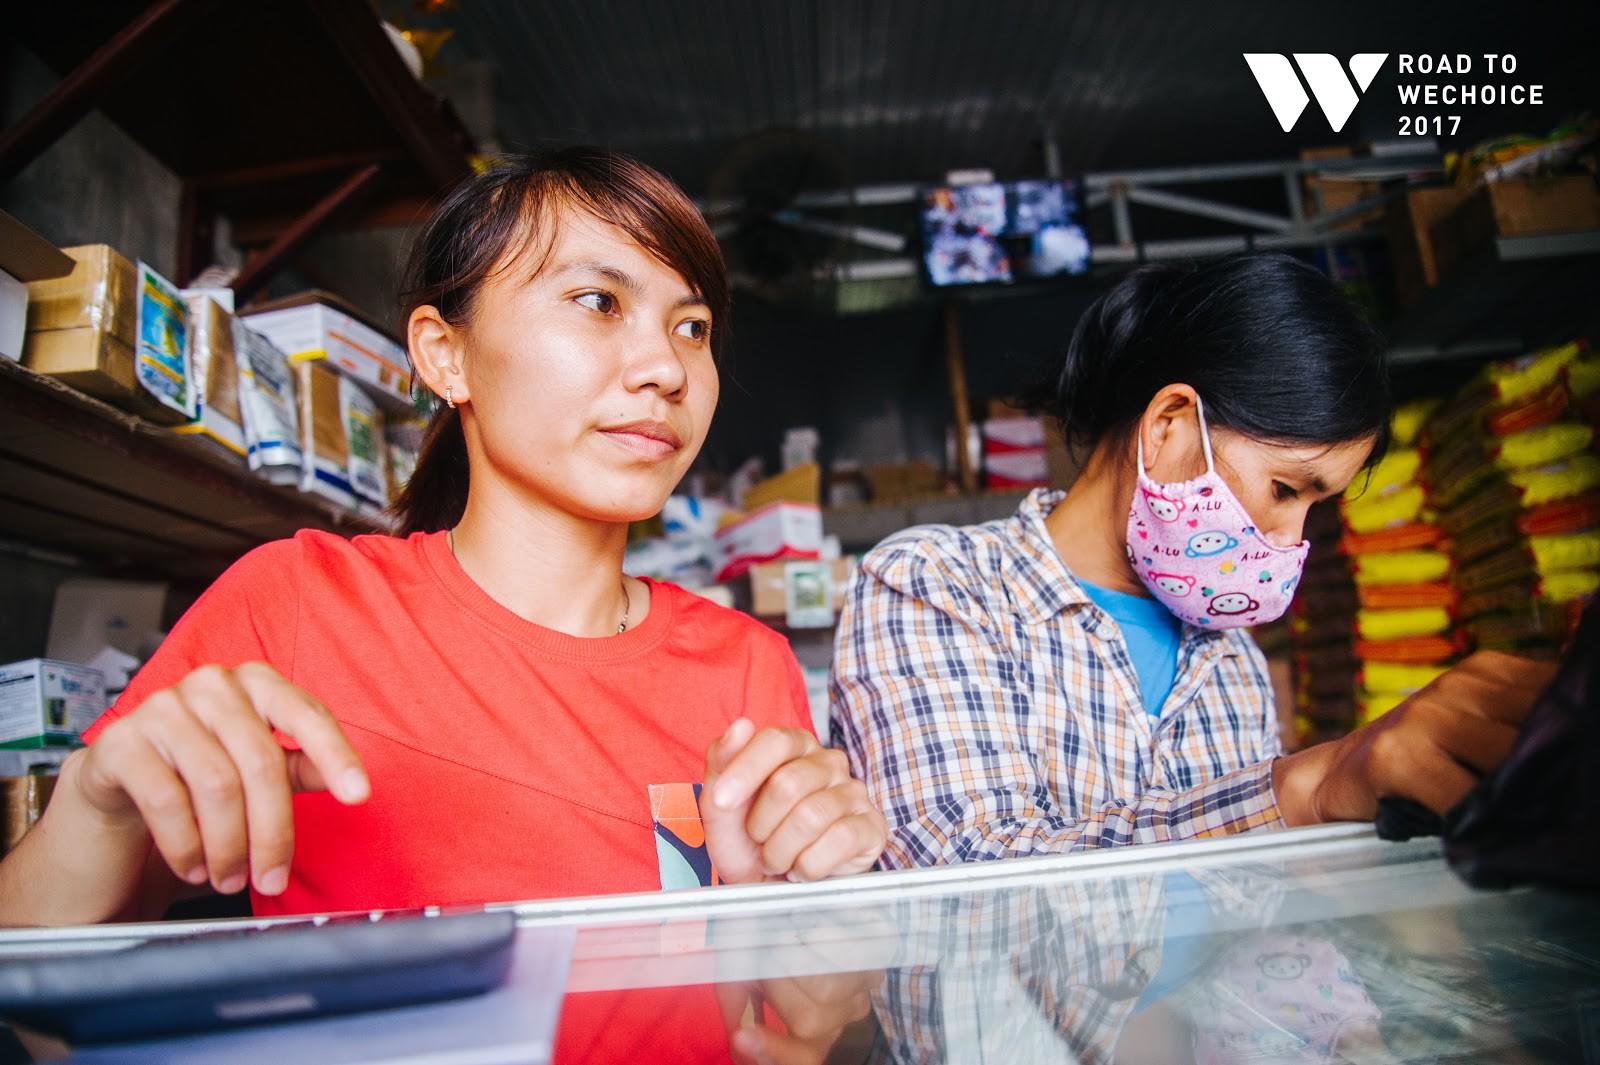 Nguyễn Thị Liễu: Hành trình vượt biến cố, trở thành người hùng cho bóng đá nữ - Ảnh 13.